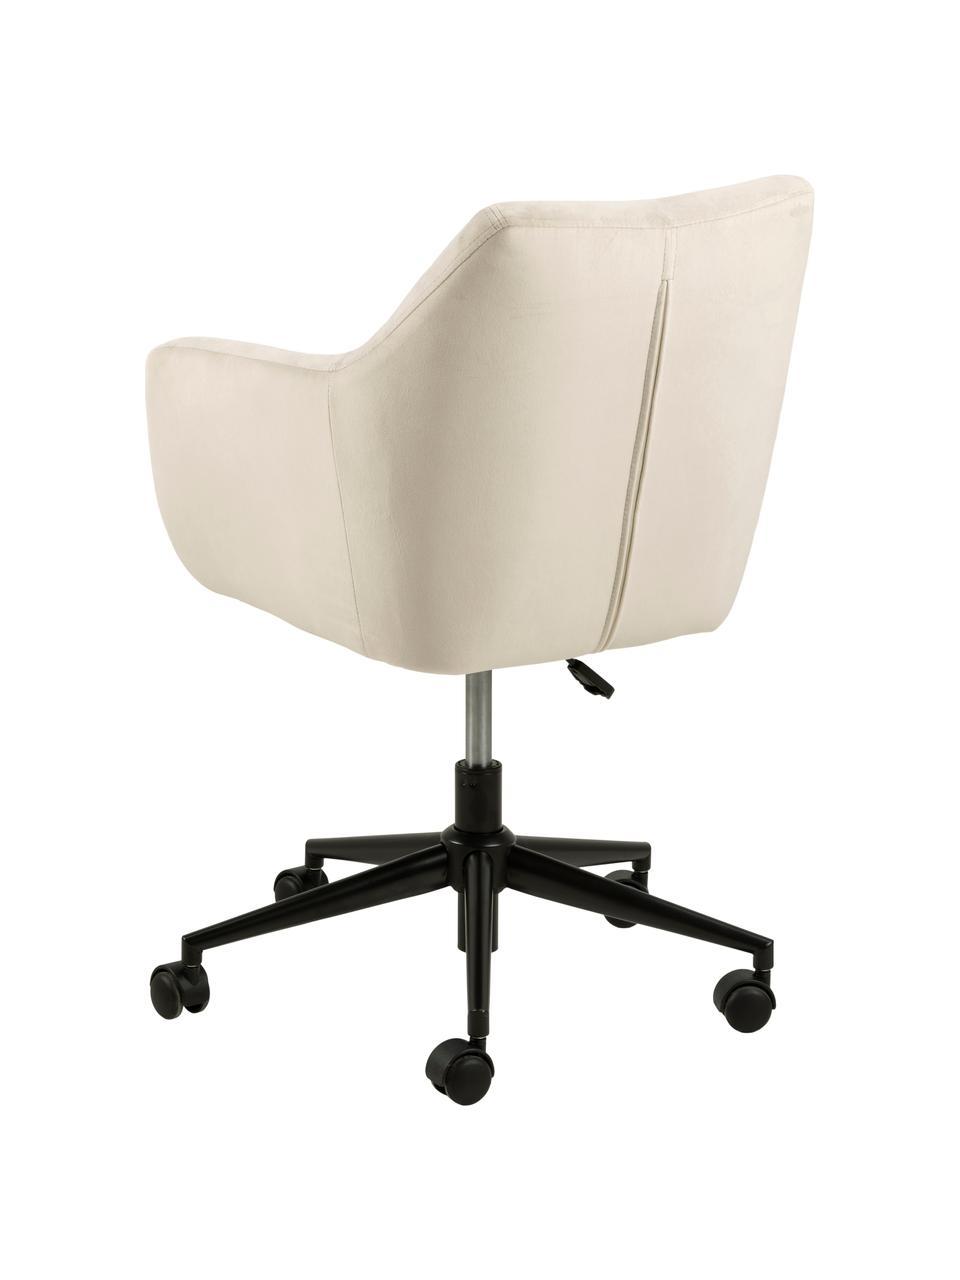 Biurowe krzesło obrotowe z aksamitu Nora, Tapicerka: poliester (aksamit) 2500, Stelaż: metal malowany proszkowo, Beżowy, czarny, S 58 x G 58 cm